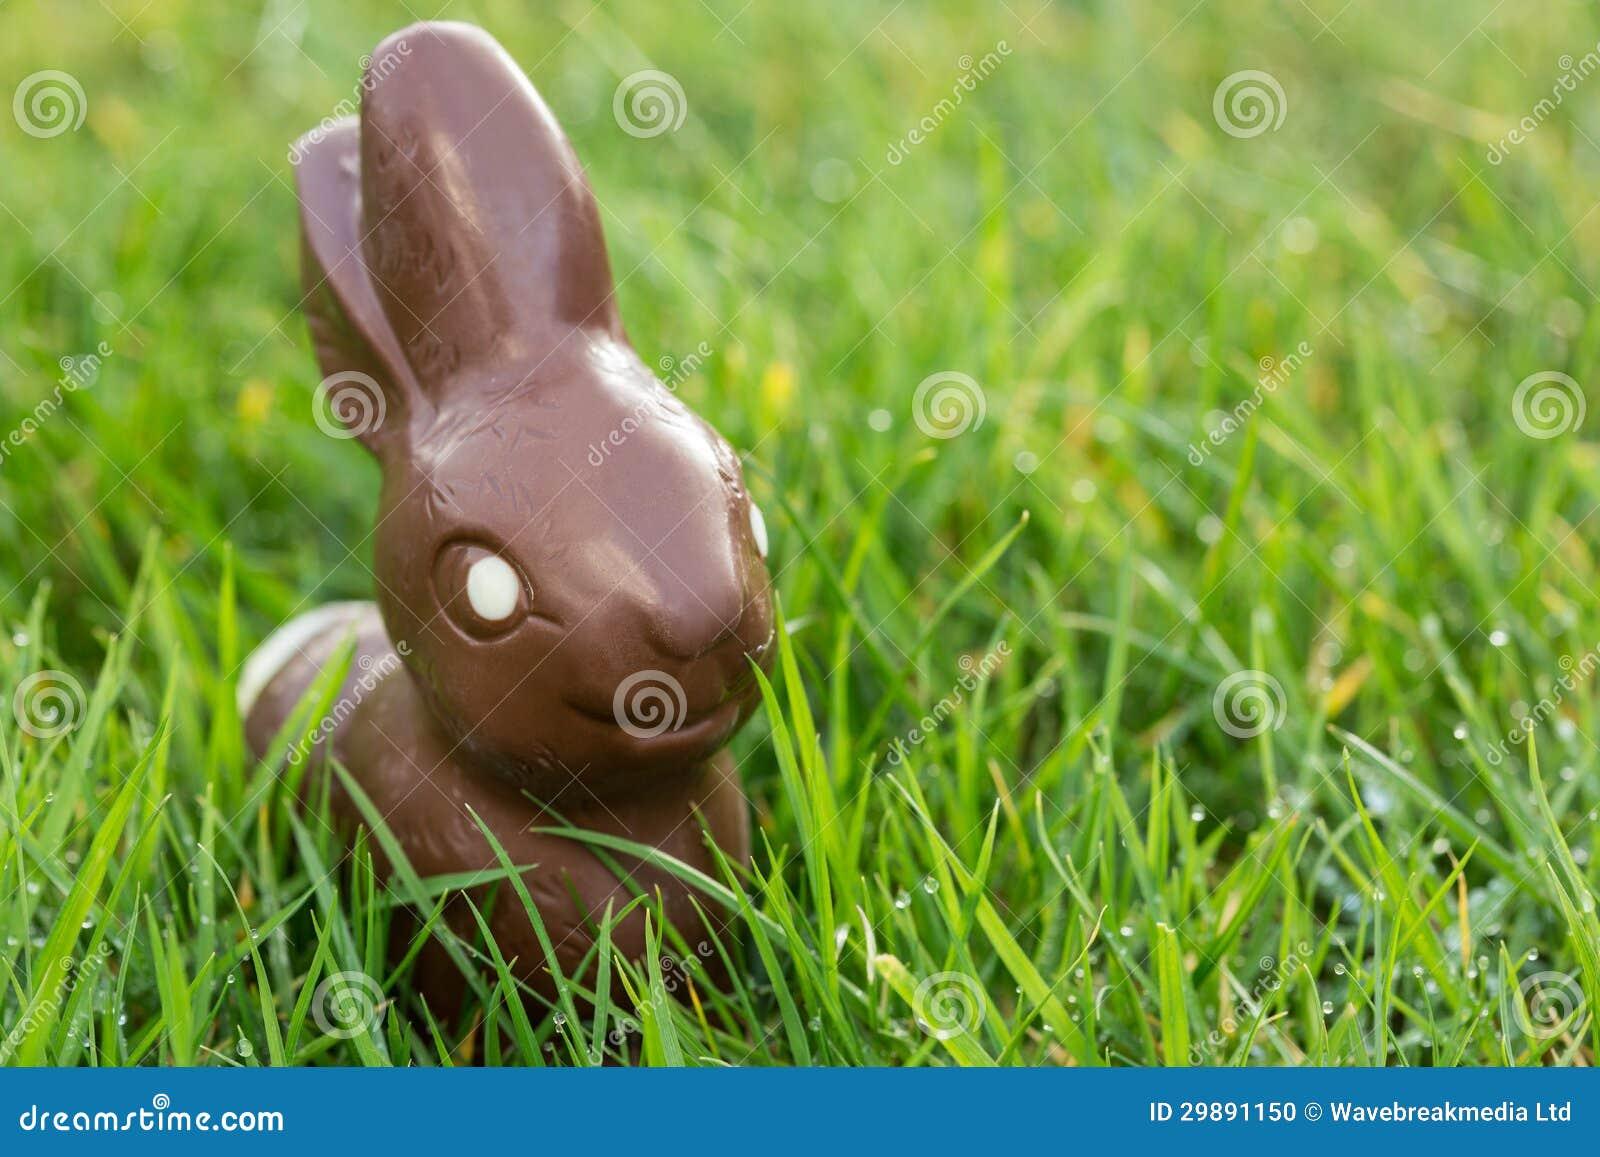 Conejito del chocolate en la hierba